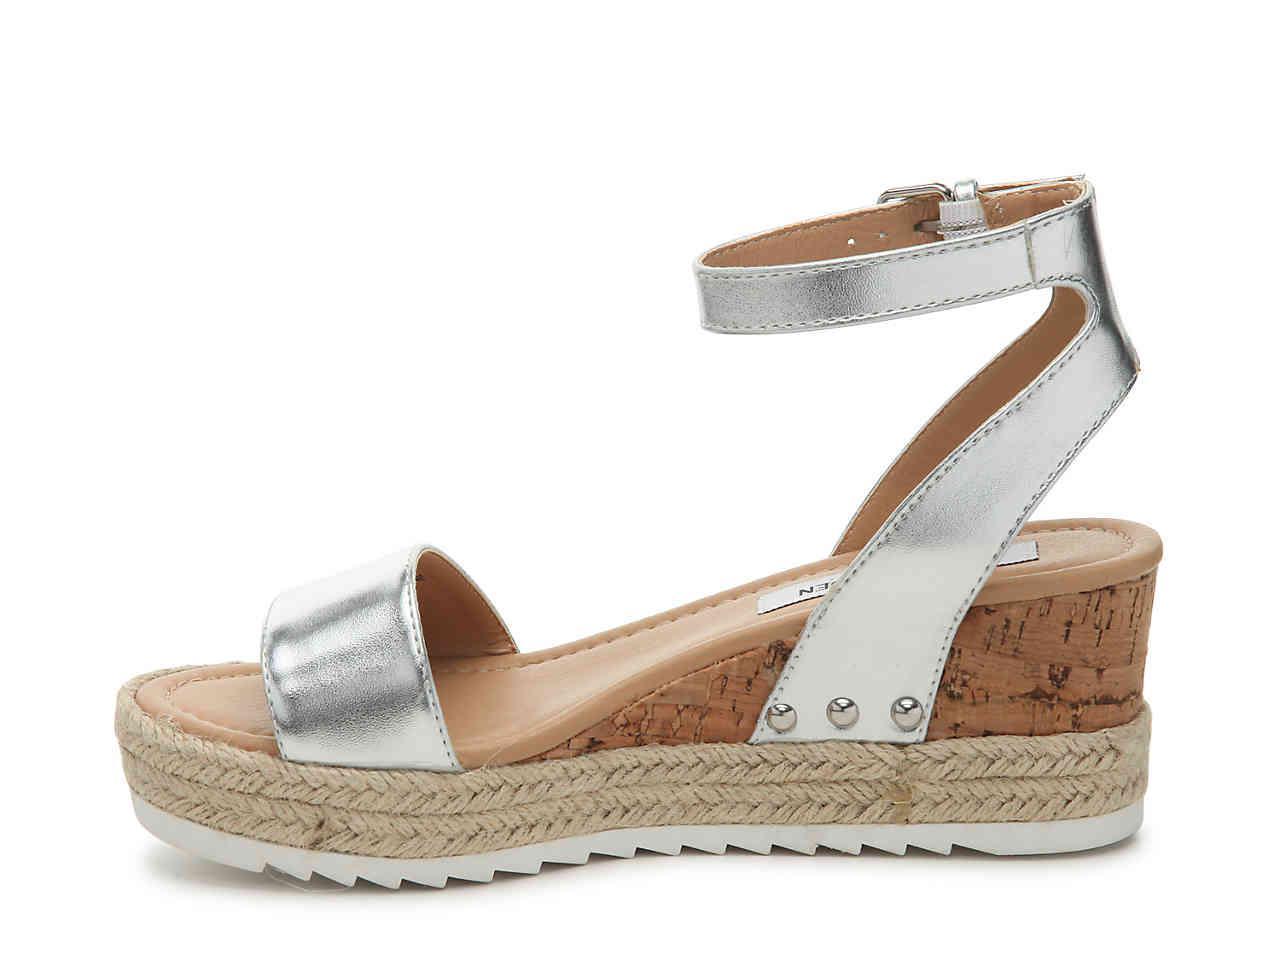 3b329e1779a2 Lyst - Steve Madden Jaide Espadrille Wedge Sandal in Metallic